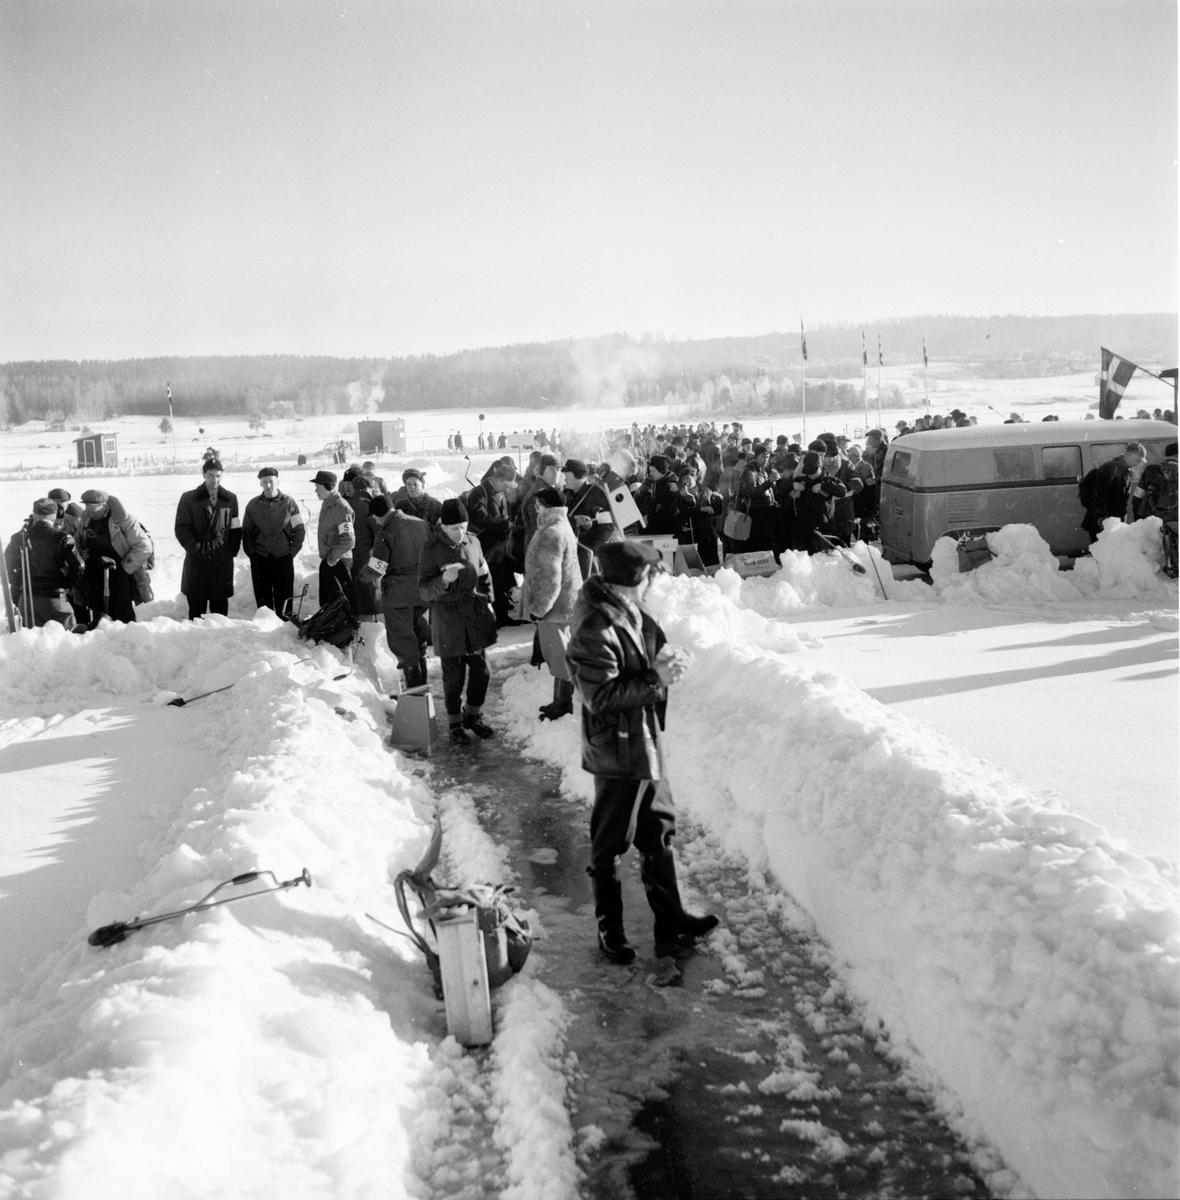 Pimpel SM Bollnäs. 23/3-1958